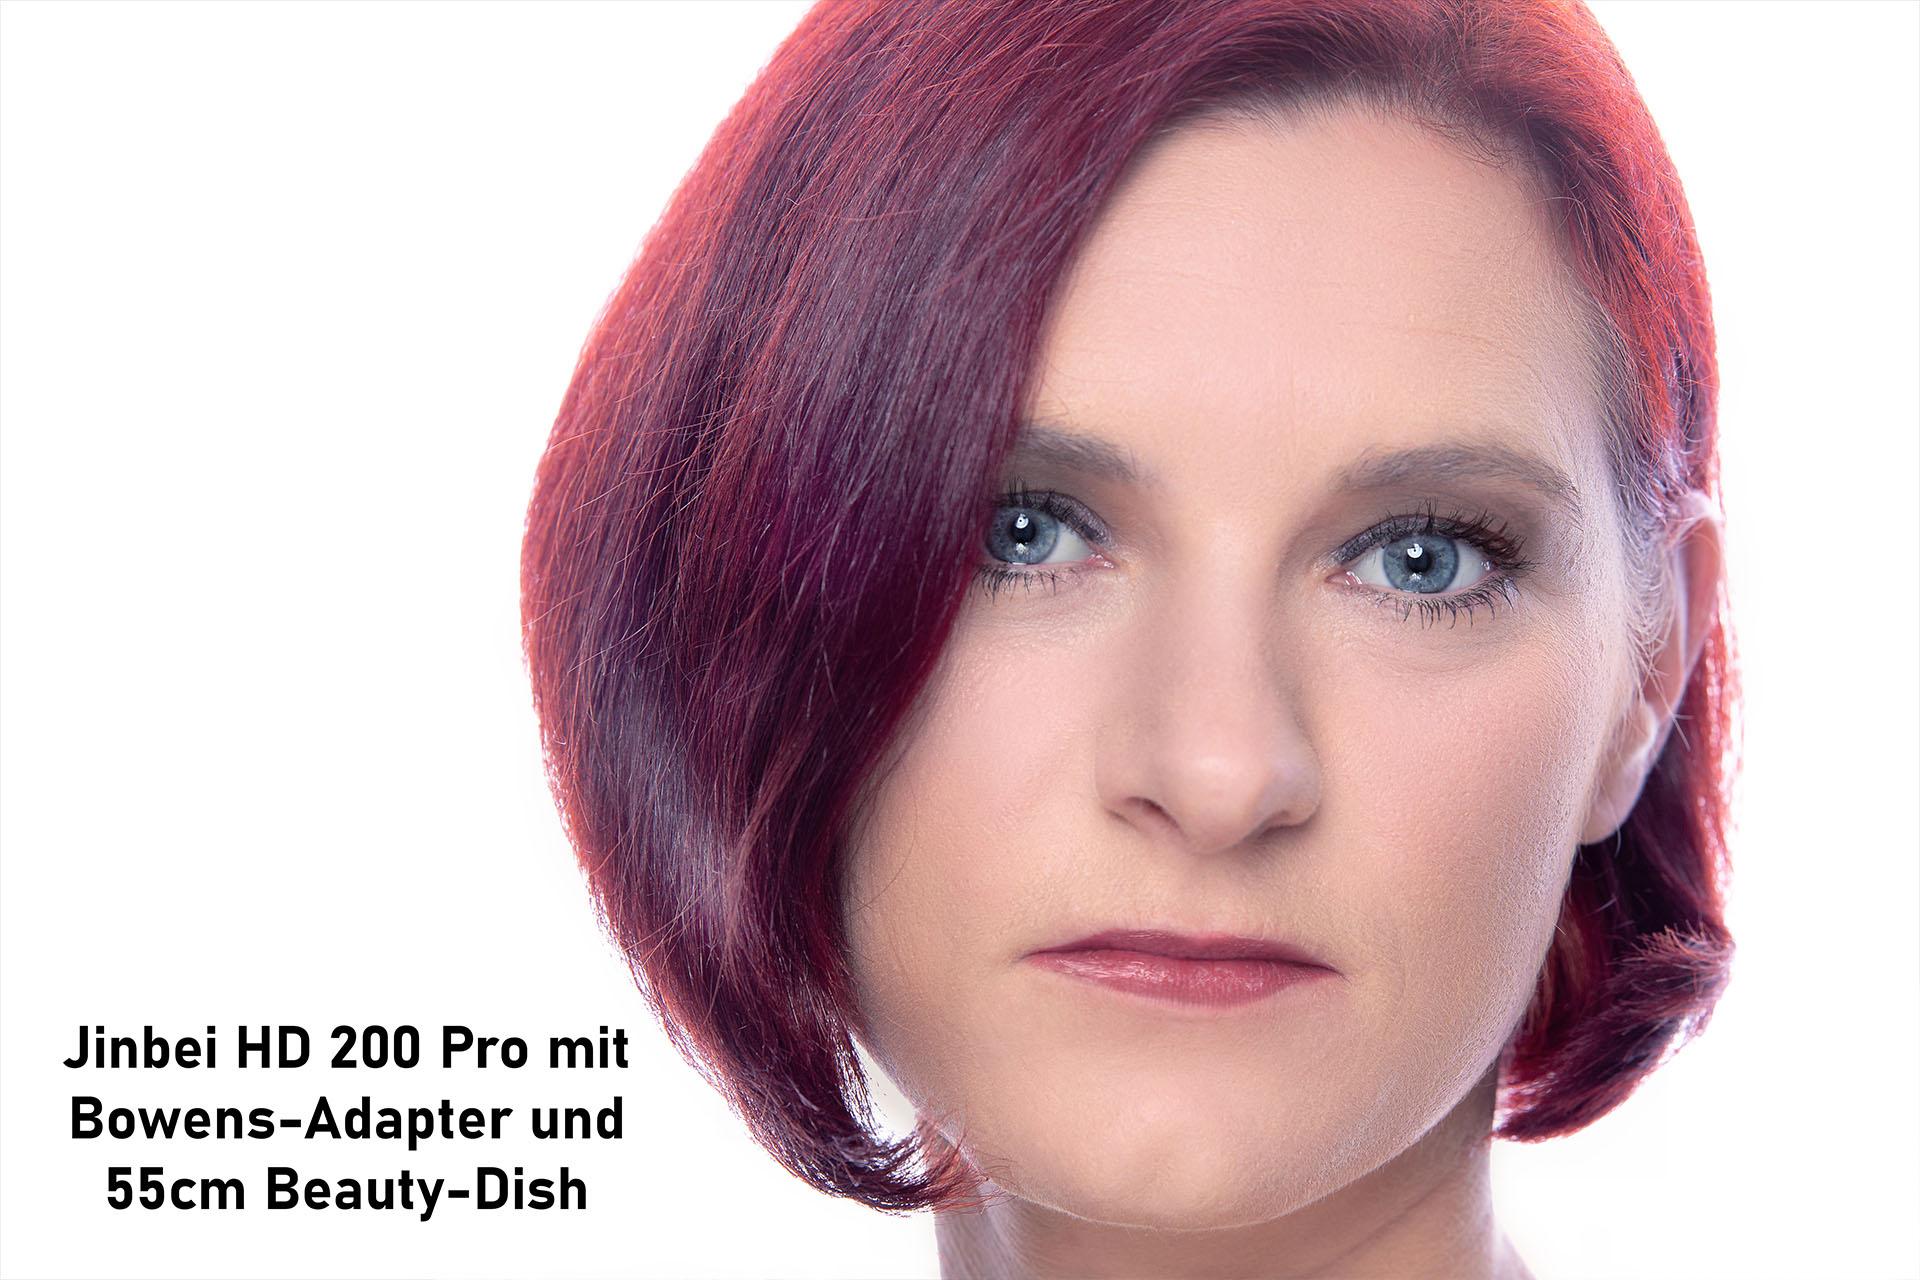 Jinbei HD 200 Pro